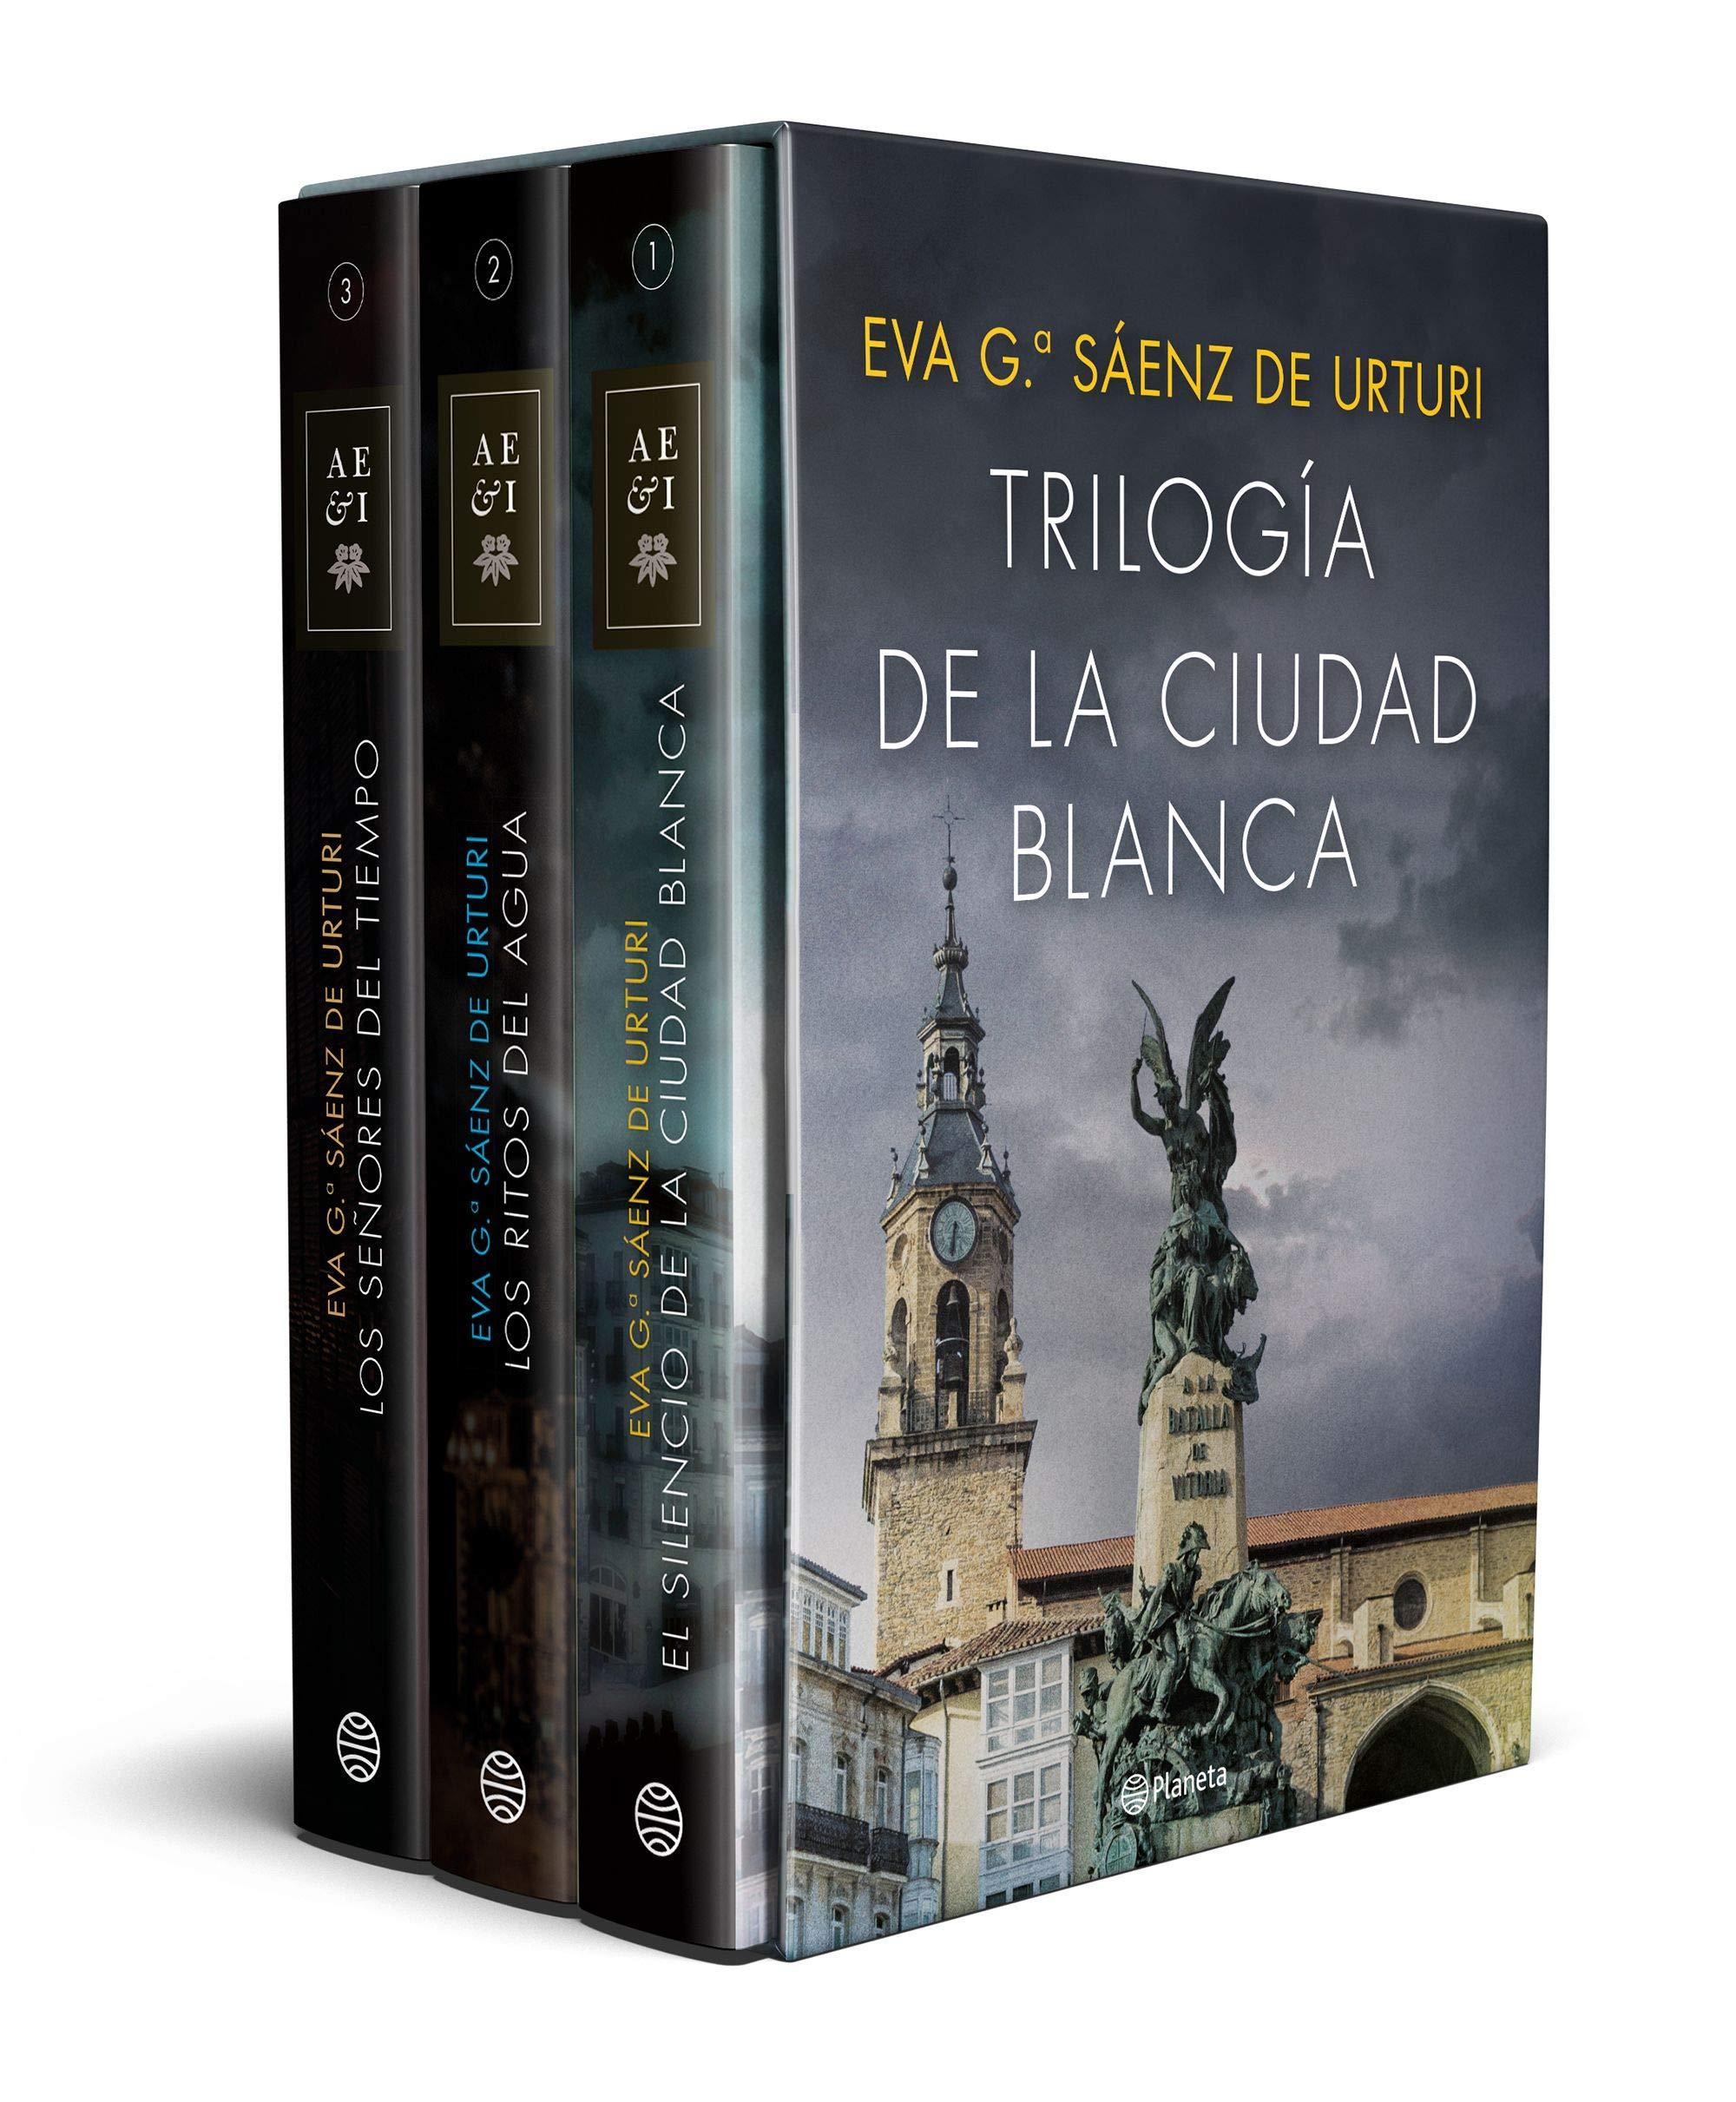 Estuche trilogía La ciudad blanca Autores Españoles e Iberoamericanos: Amazon.es: García Sáenz de Urturi, Eva: Libros